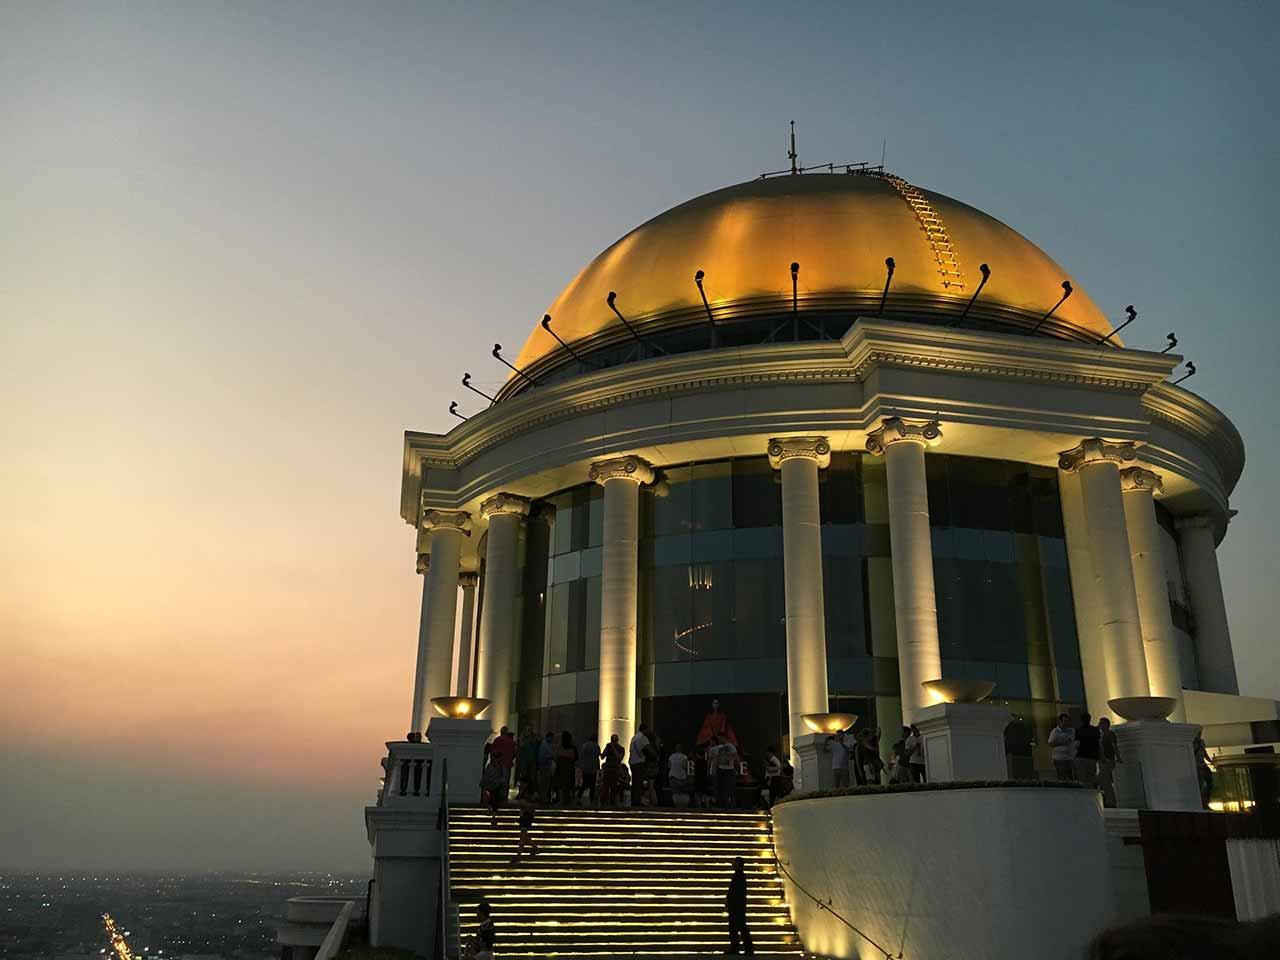 バンコクの5つ星高級ホテル ルブア アット ステート タワー(lebua at State Tower) スカイバー(SKY BAR)